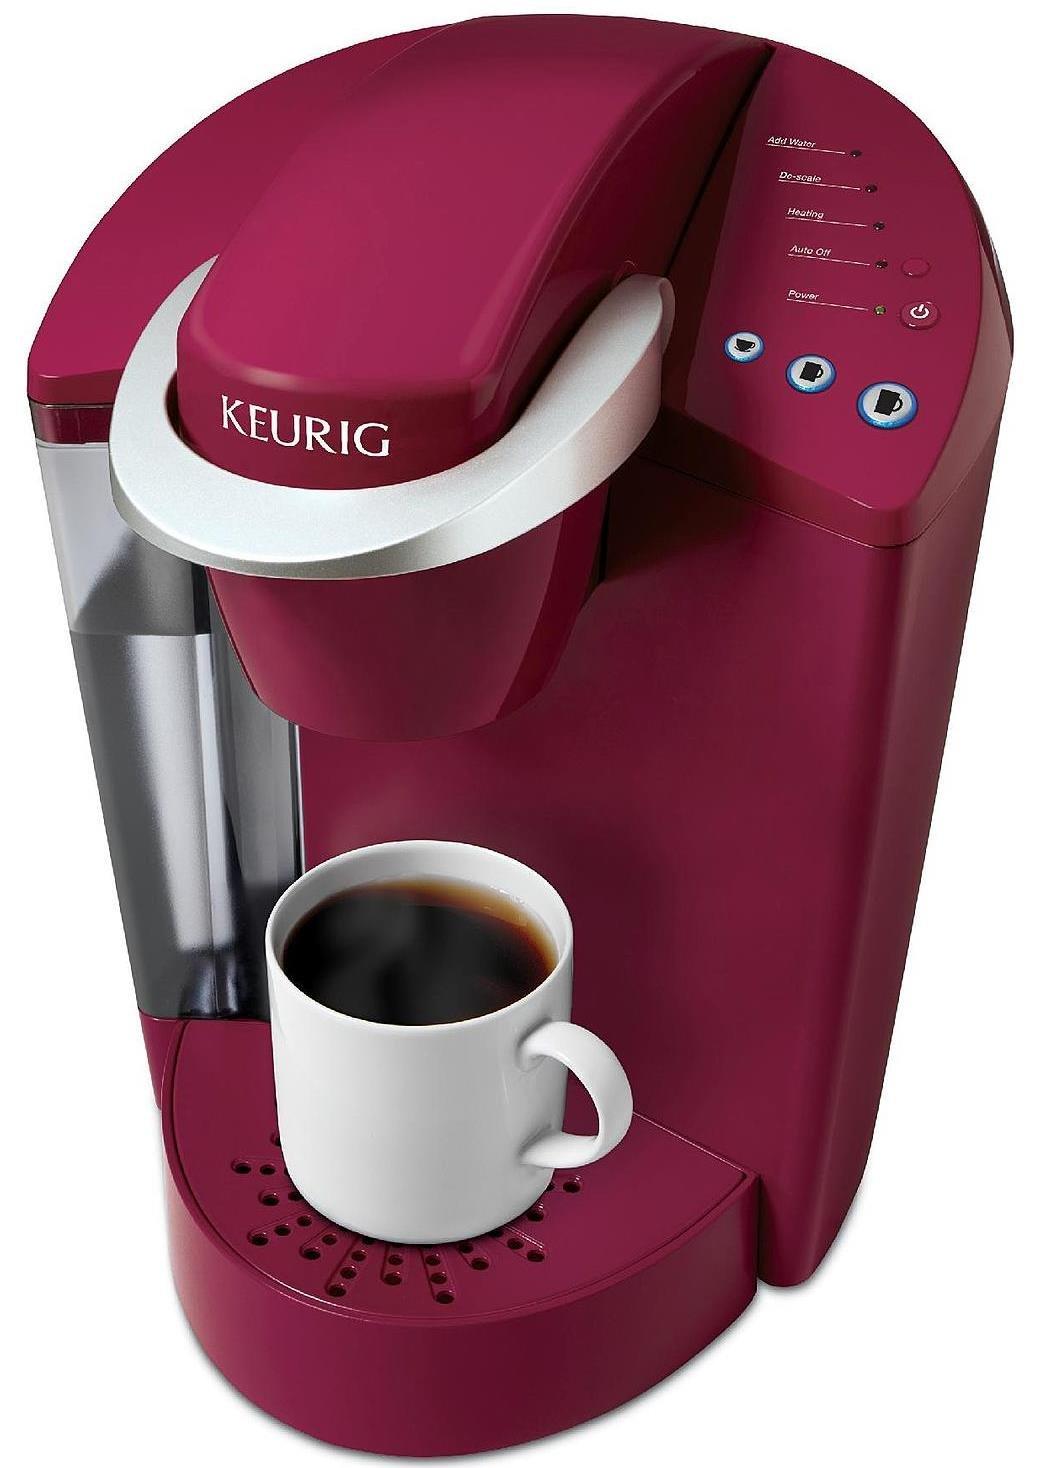 Keurig Elite K40 Single Serve Cup Coffeemaker Programmable Brewing System, Rhubarb Red (Certified Refurbished)